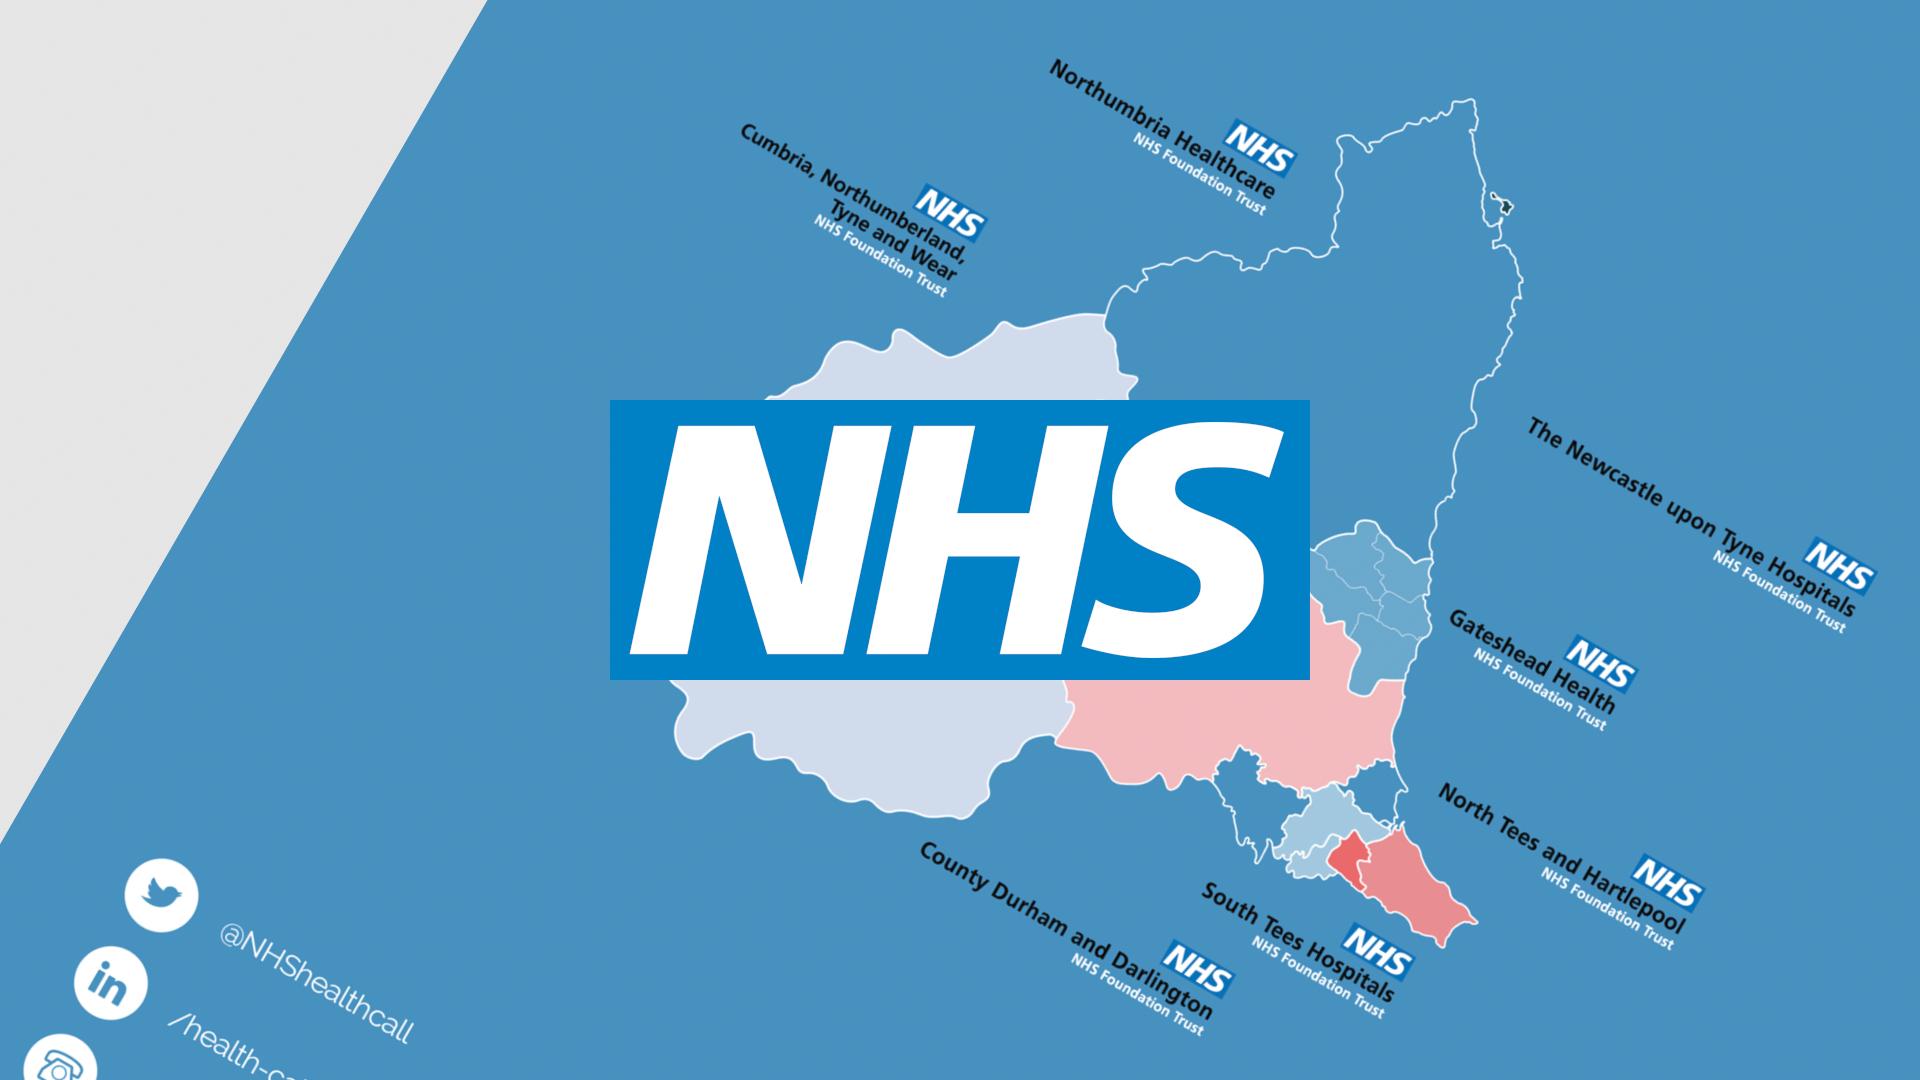 NHS Health Call